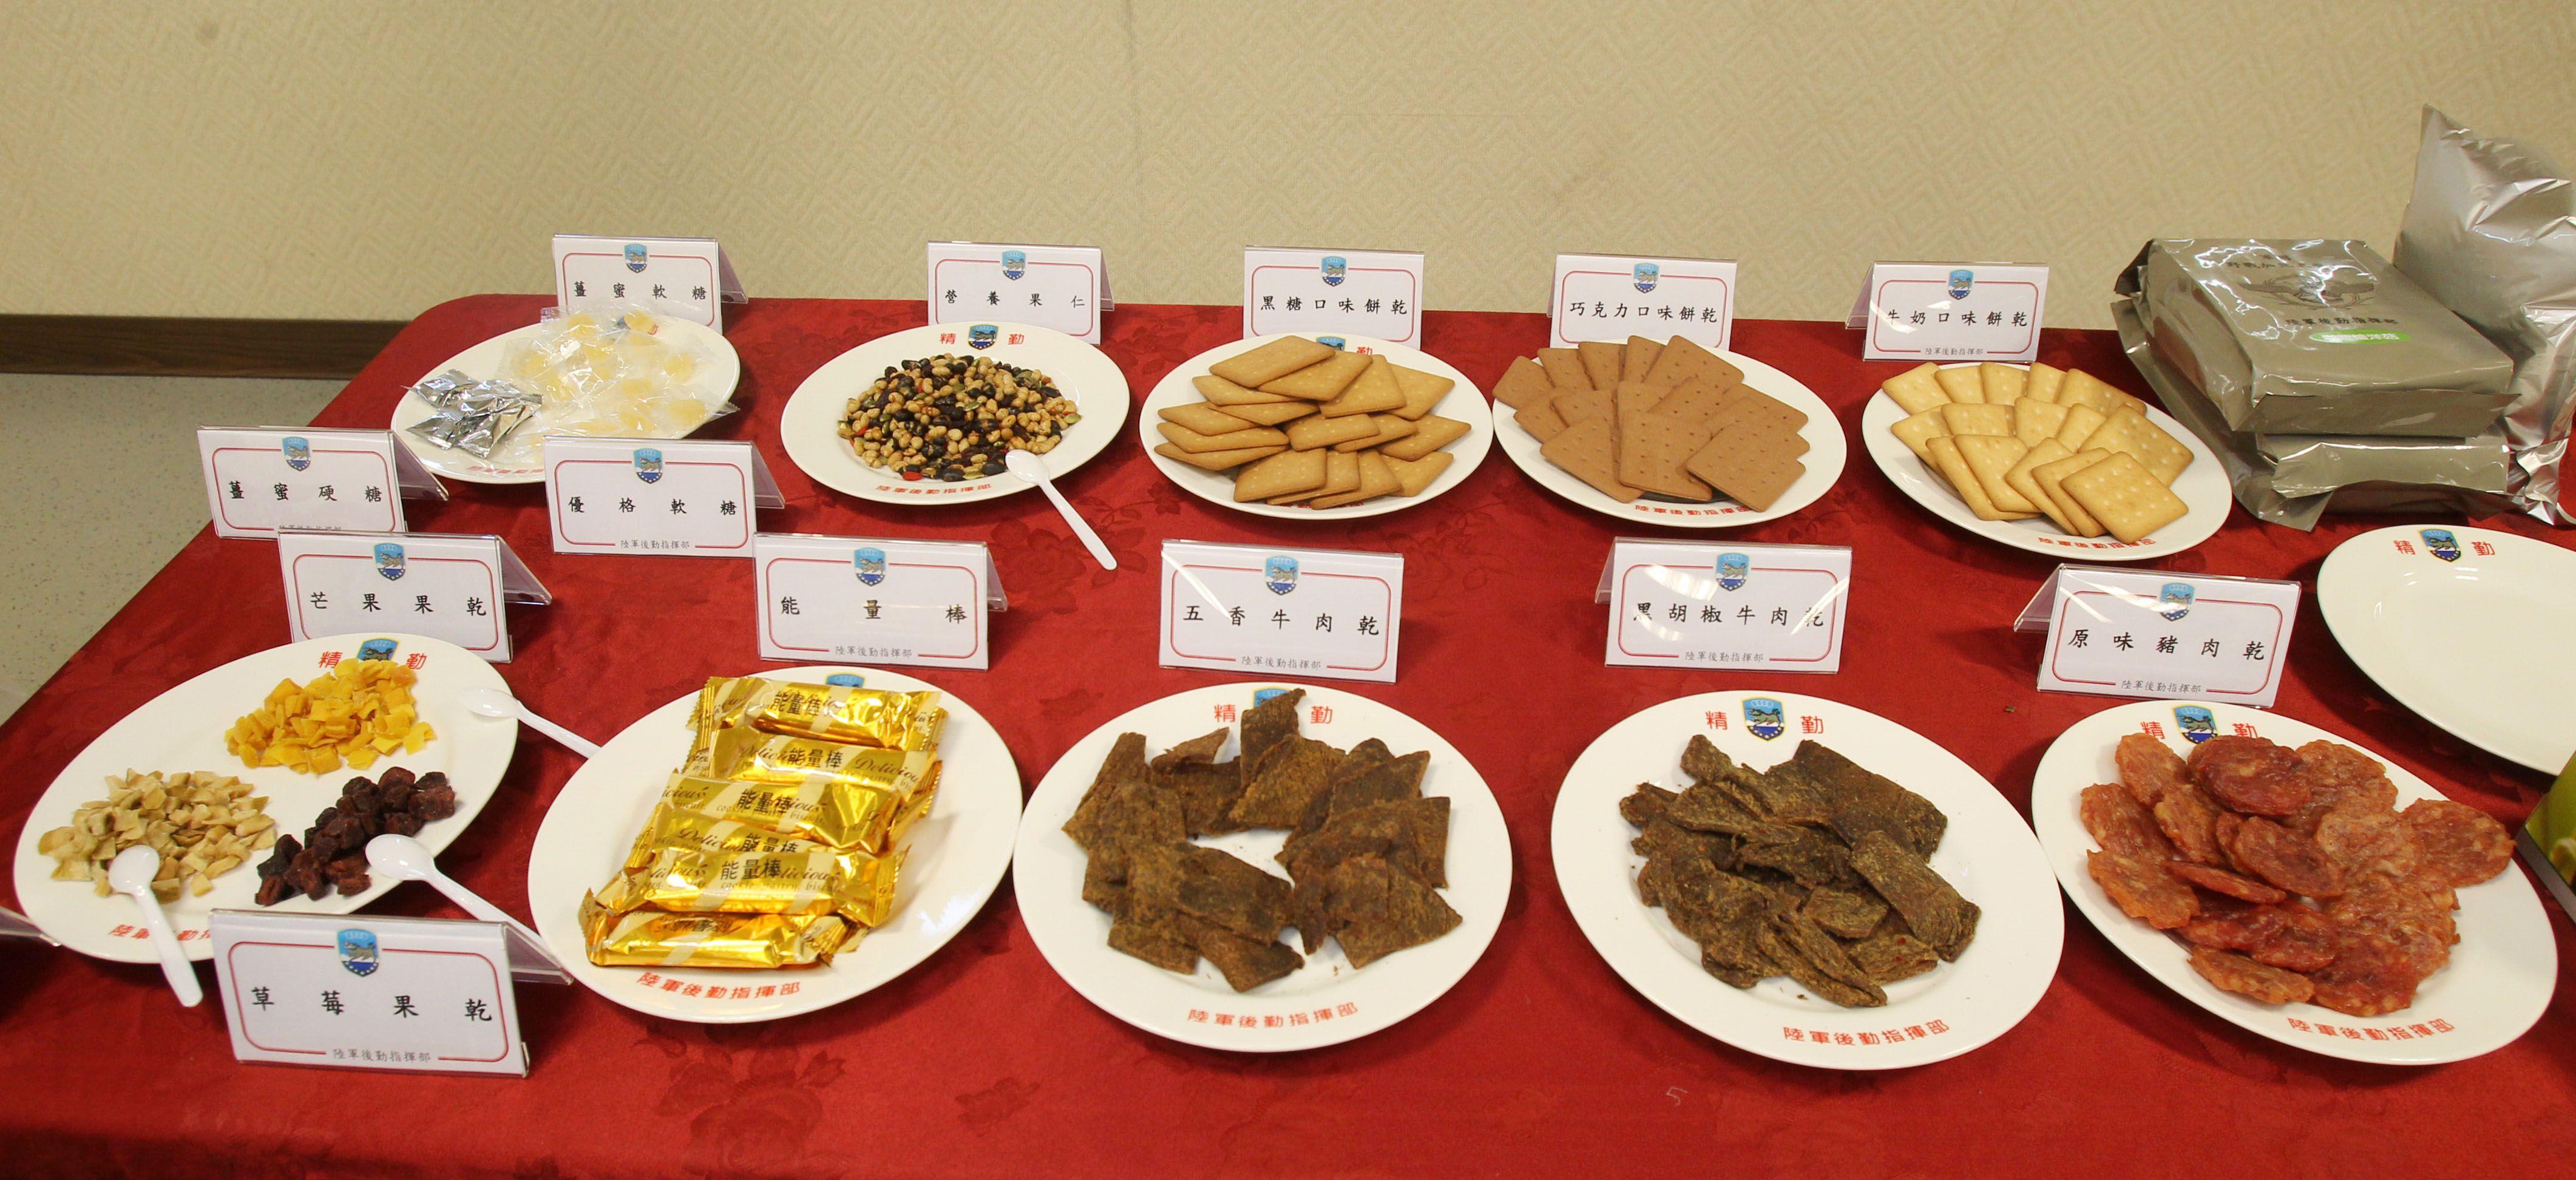 國軍新式野戰口糧及加熱式餐盒公開展示,口味選擇多樣性、提升食用飽足感。(記者邱榮吉/攝影)